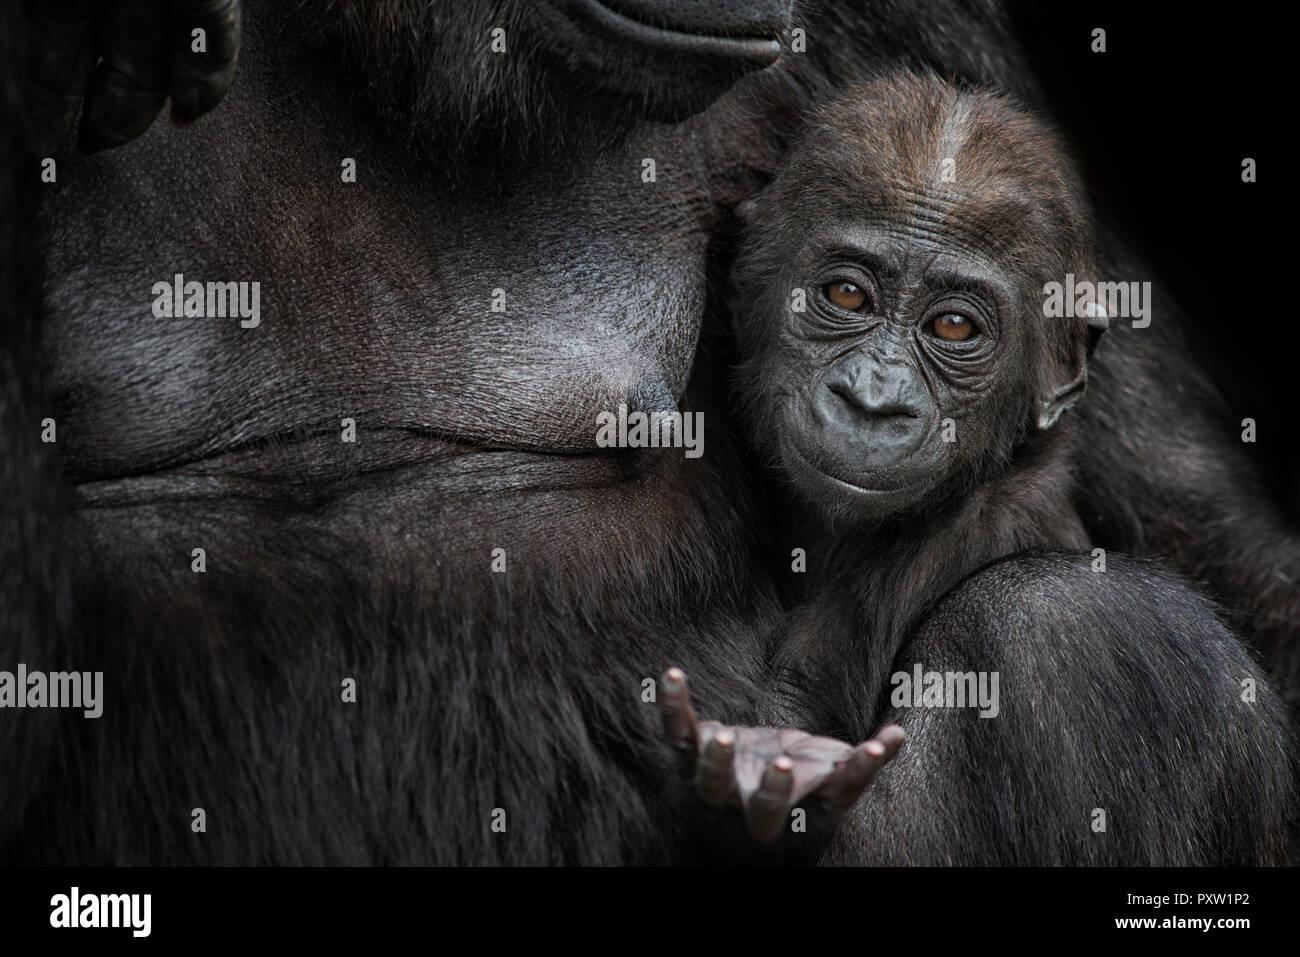 0da88a31633 Ape Reaching Stock Photos   Ape Reaching Stock Images - Alamy